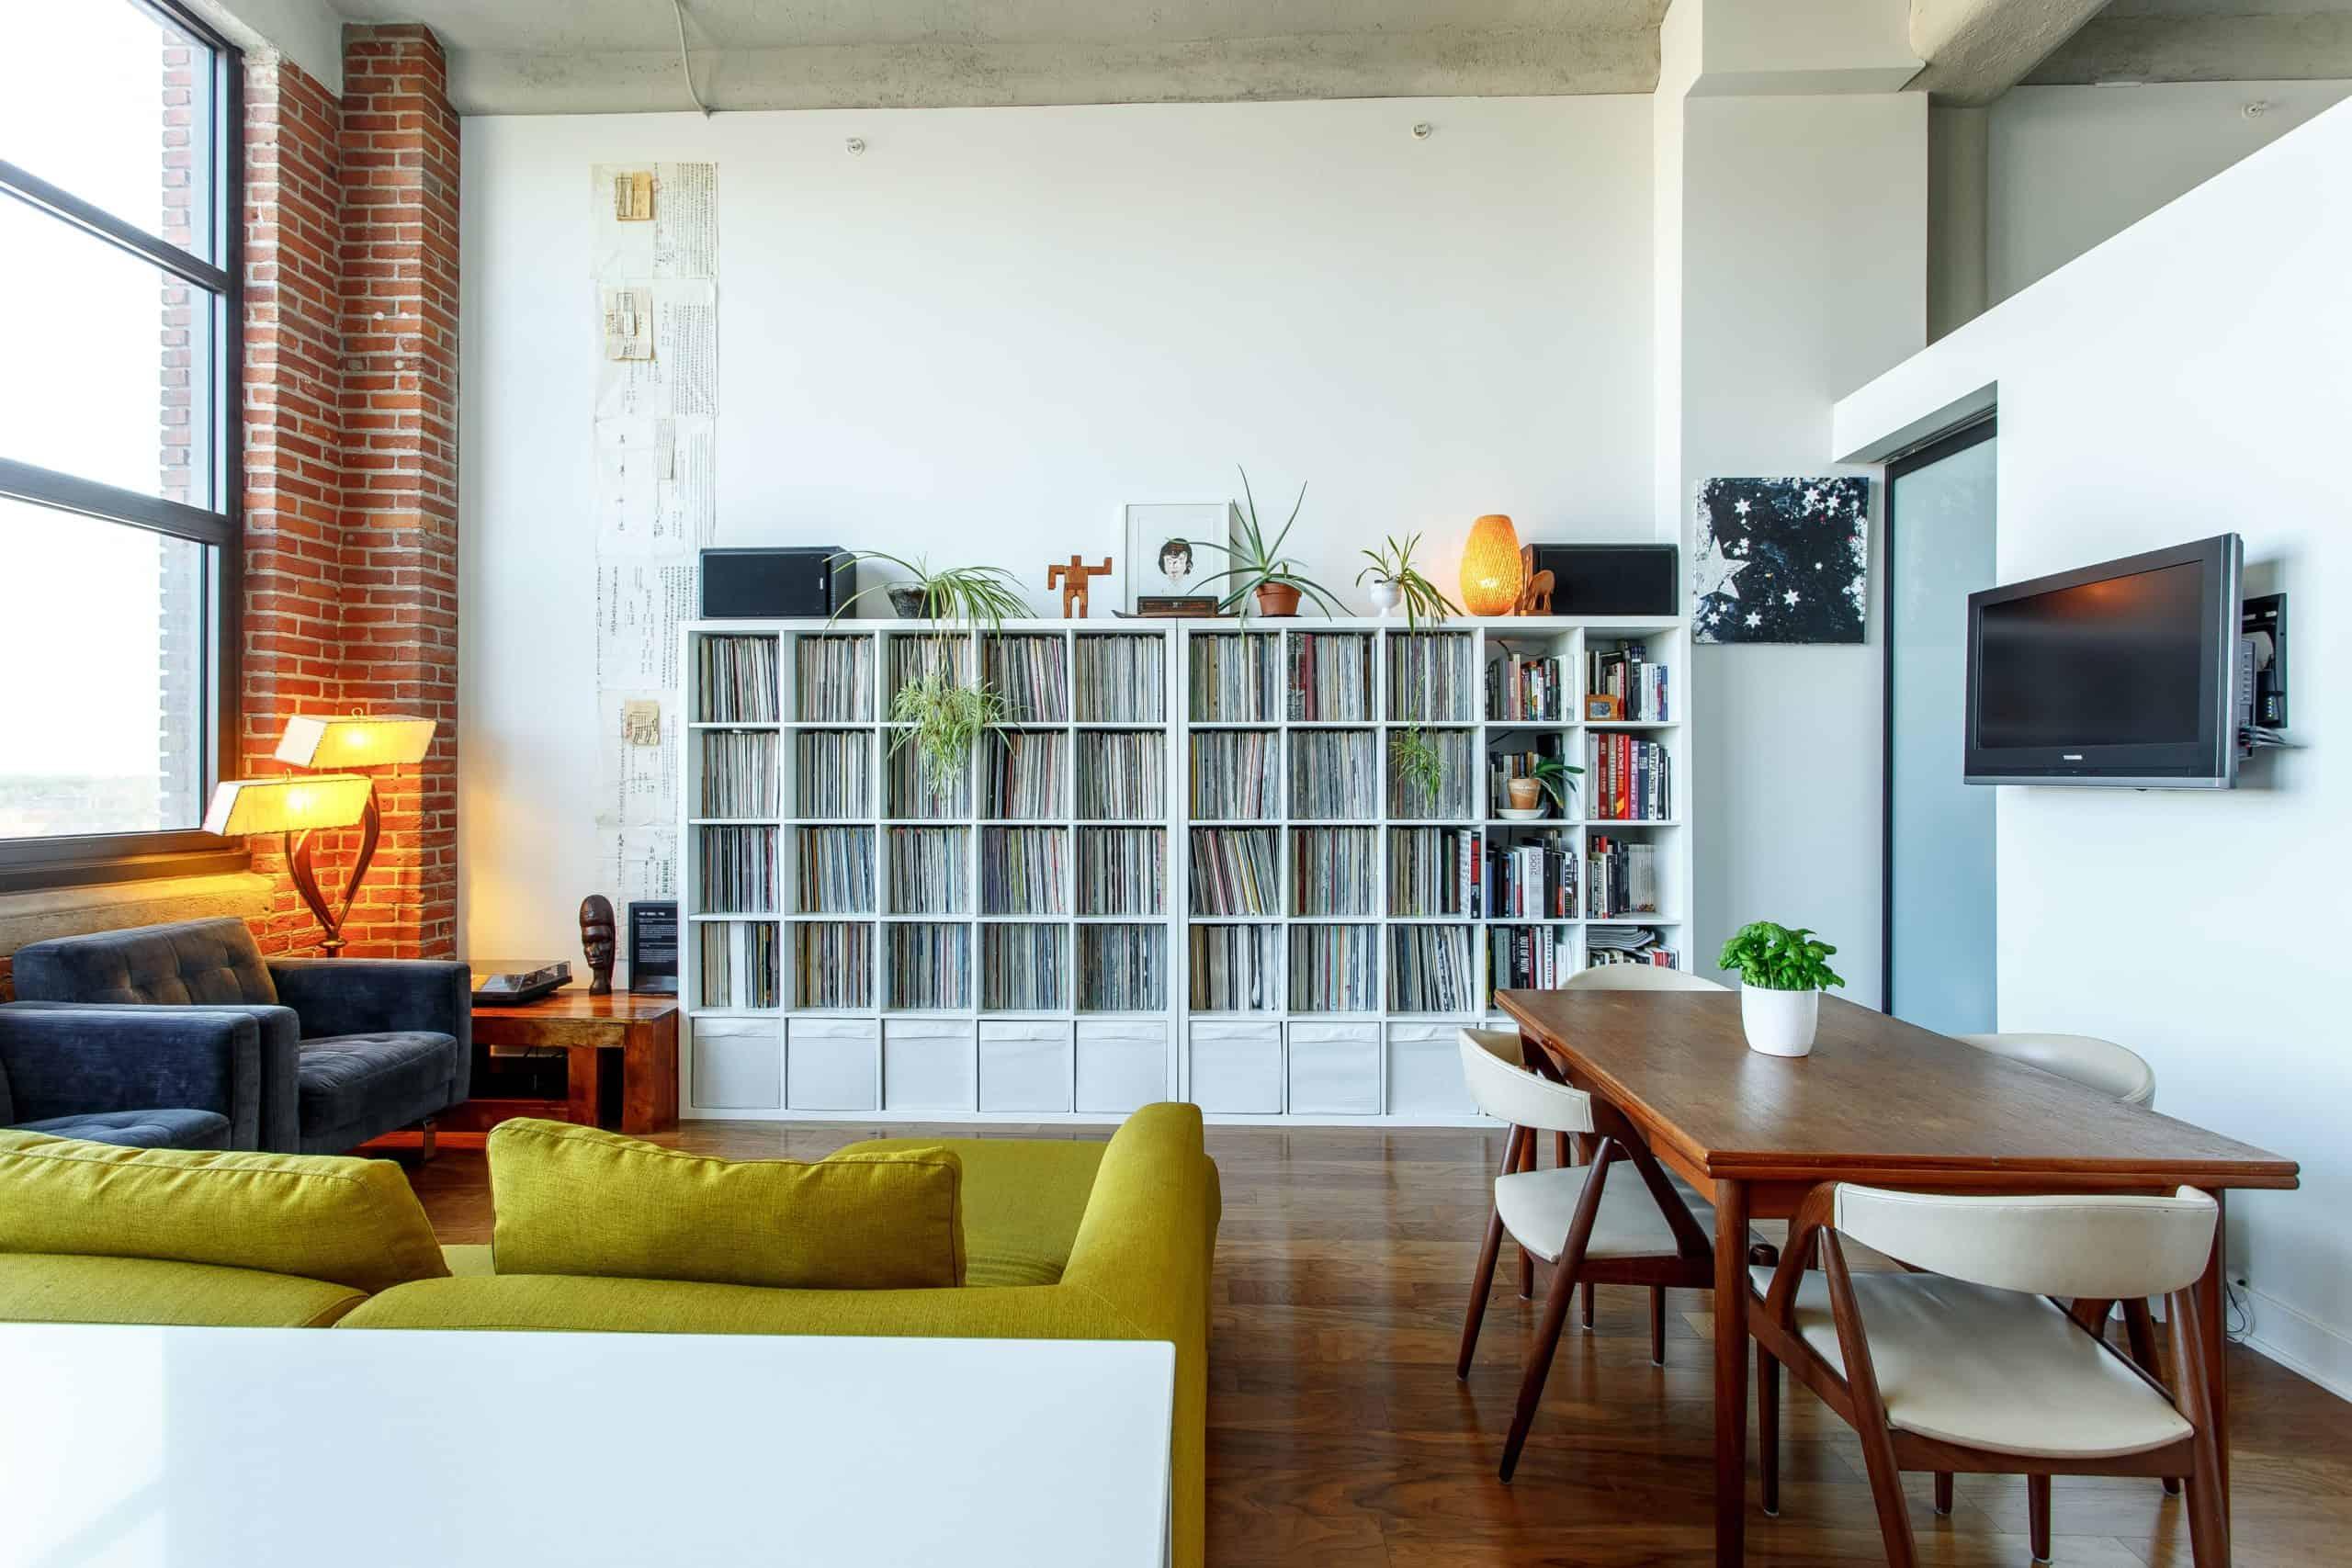 visite immobilière, 4 conseils pour bien analyser un bien avant une visite immobilière